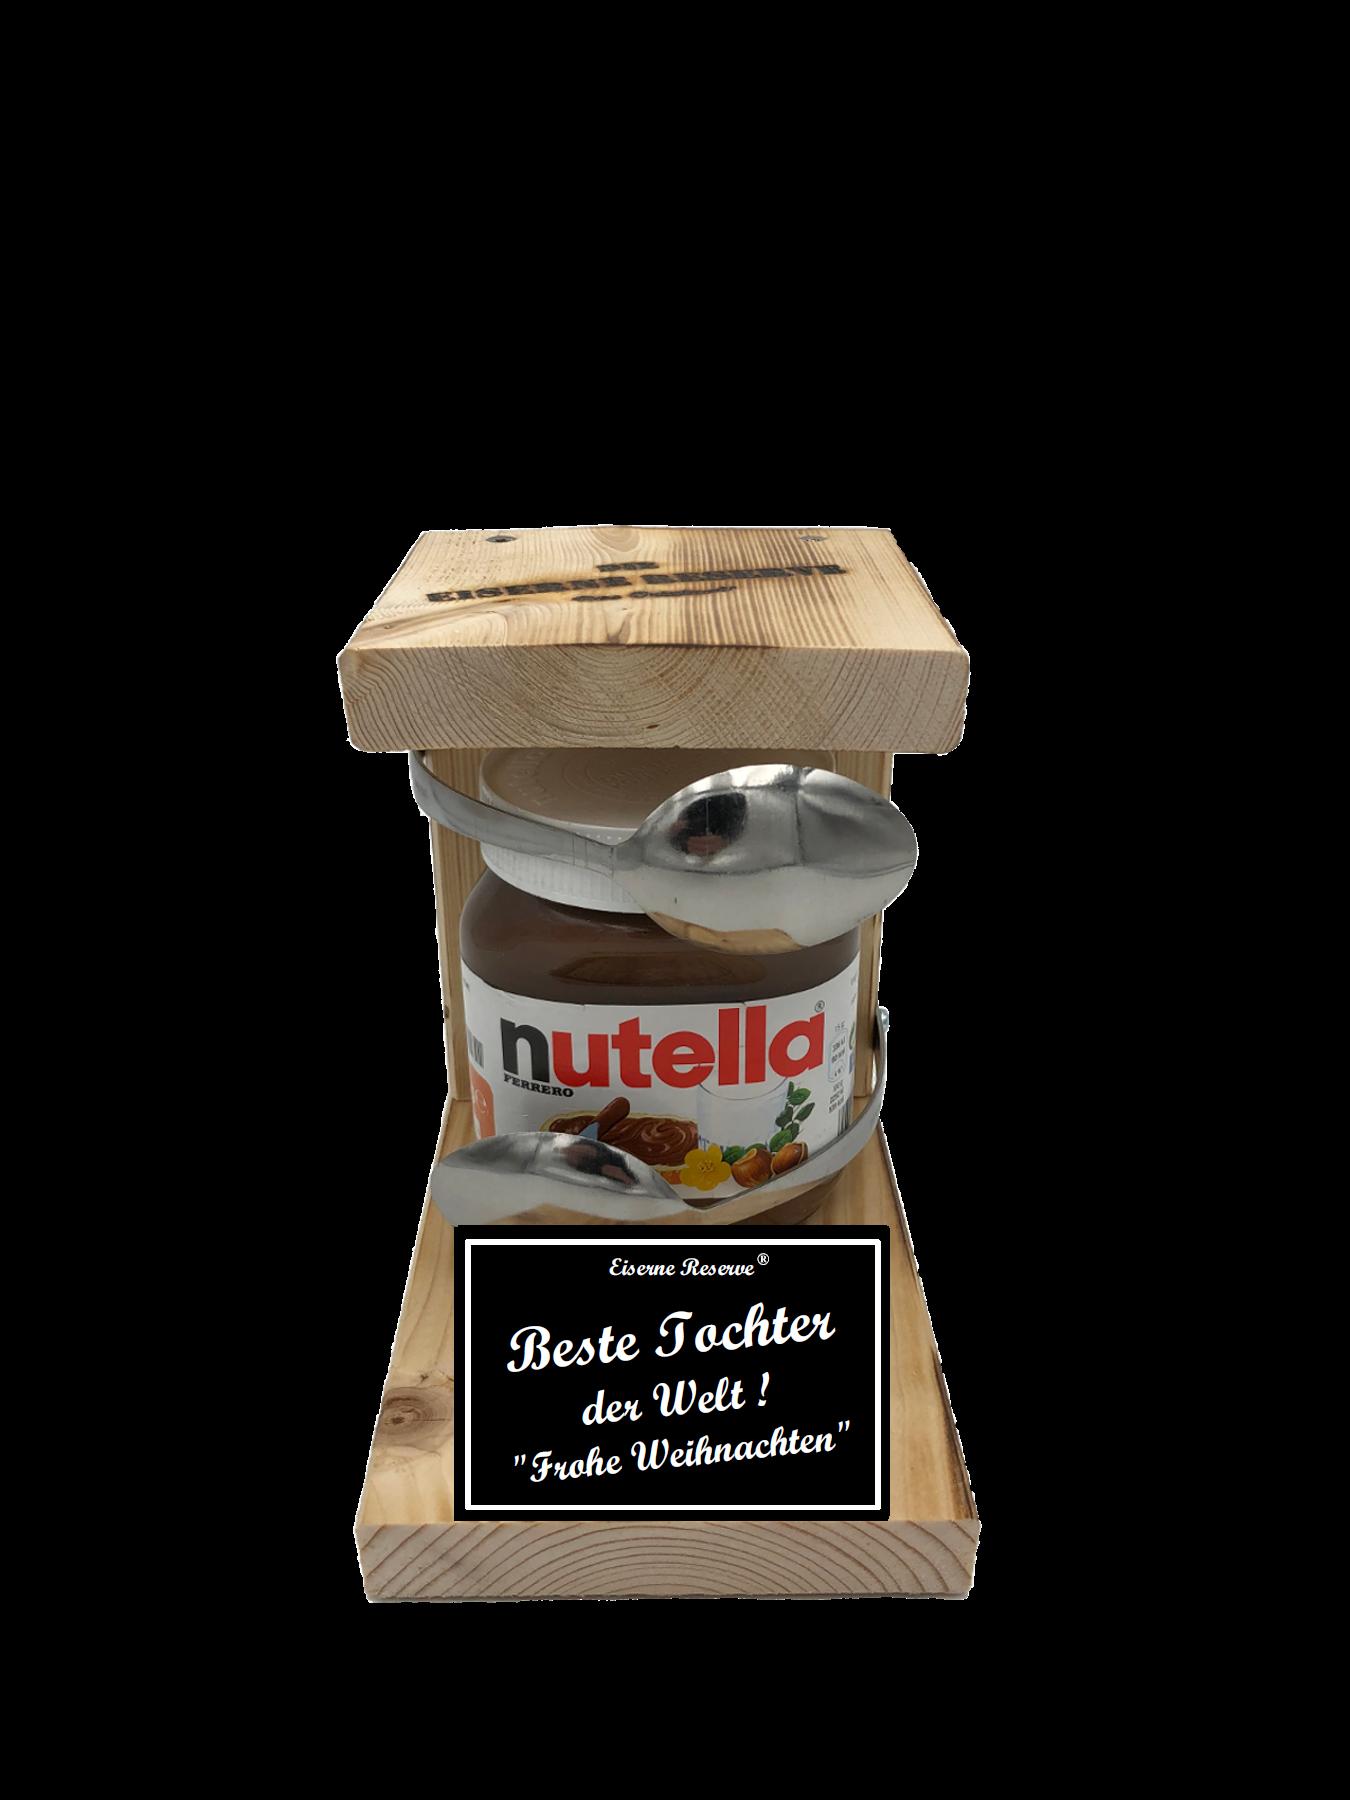 Beste Tochter der Welt Frohe Weihnachten Löffel Nutella Geschenk - Die Nutella Geschenkidee